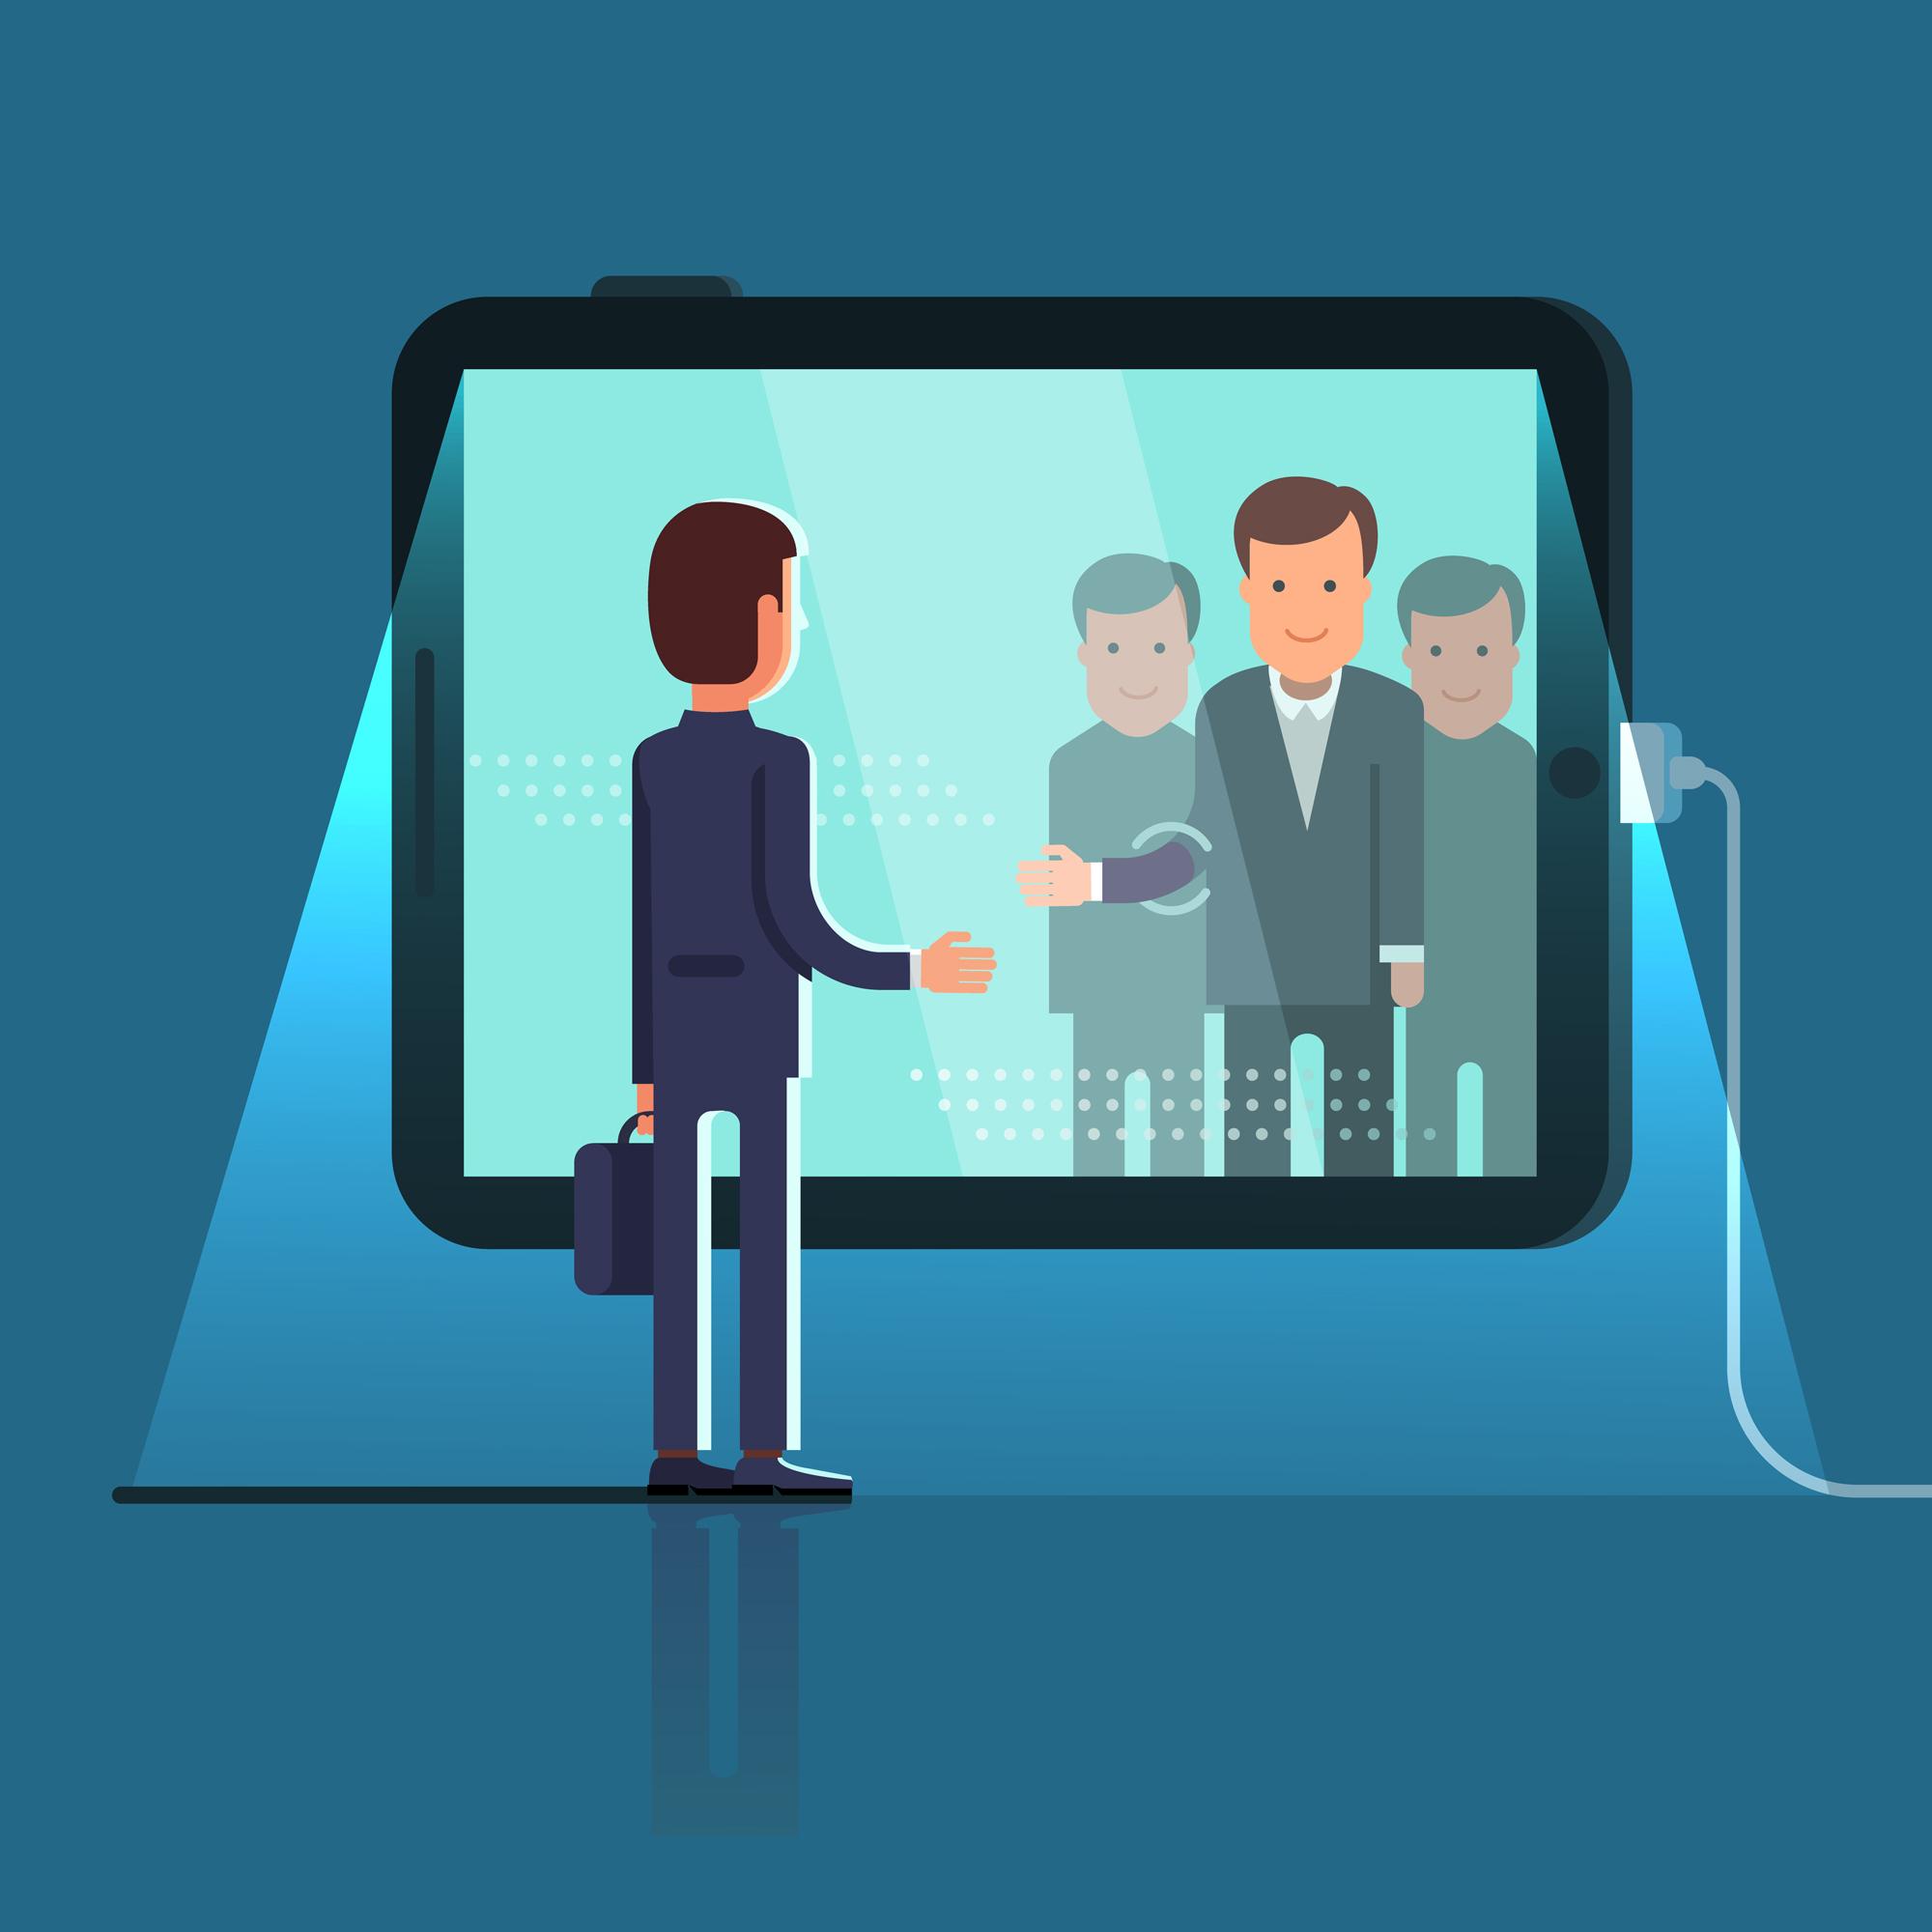 Vídeo Interativo: mito ou verdade?